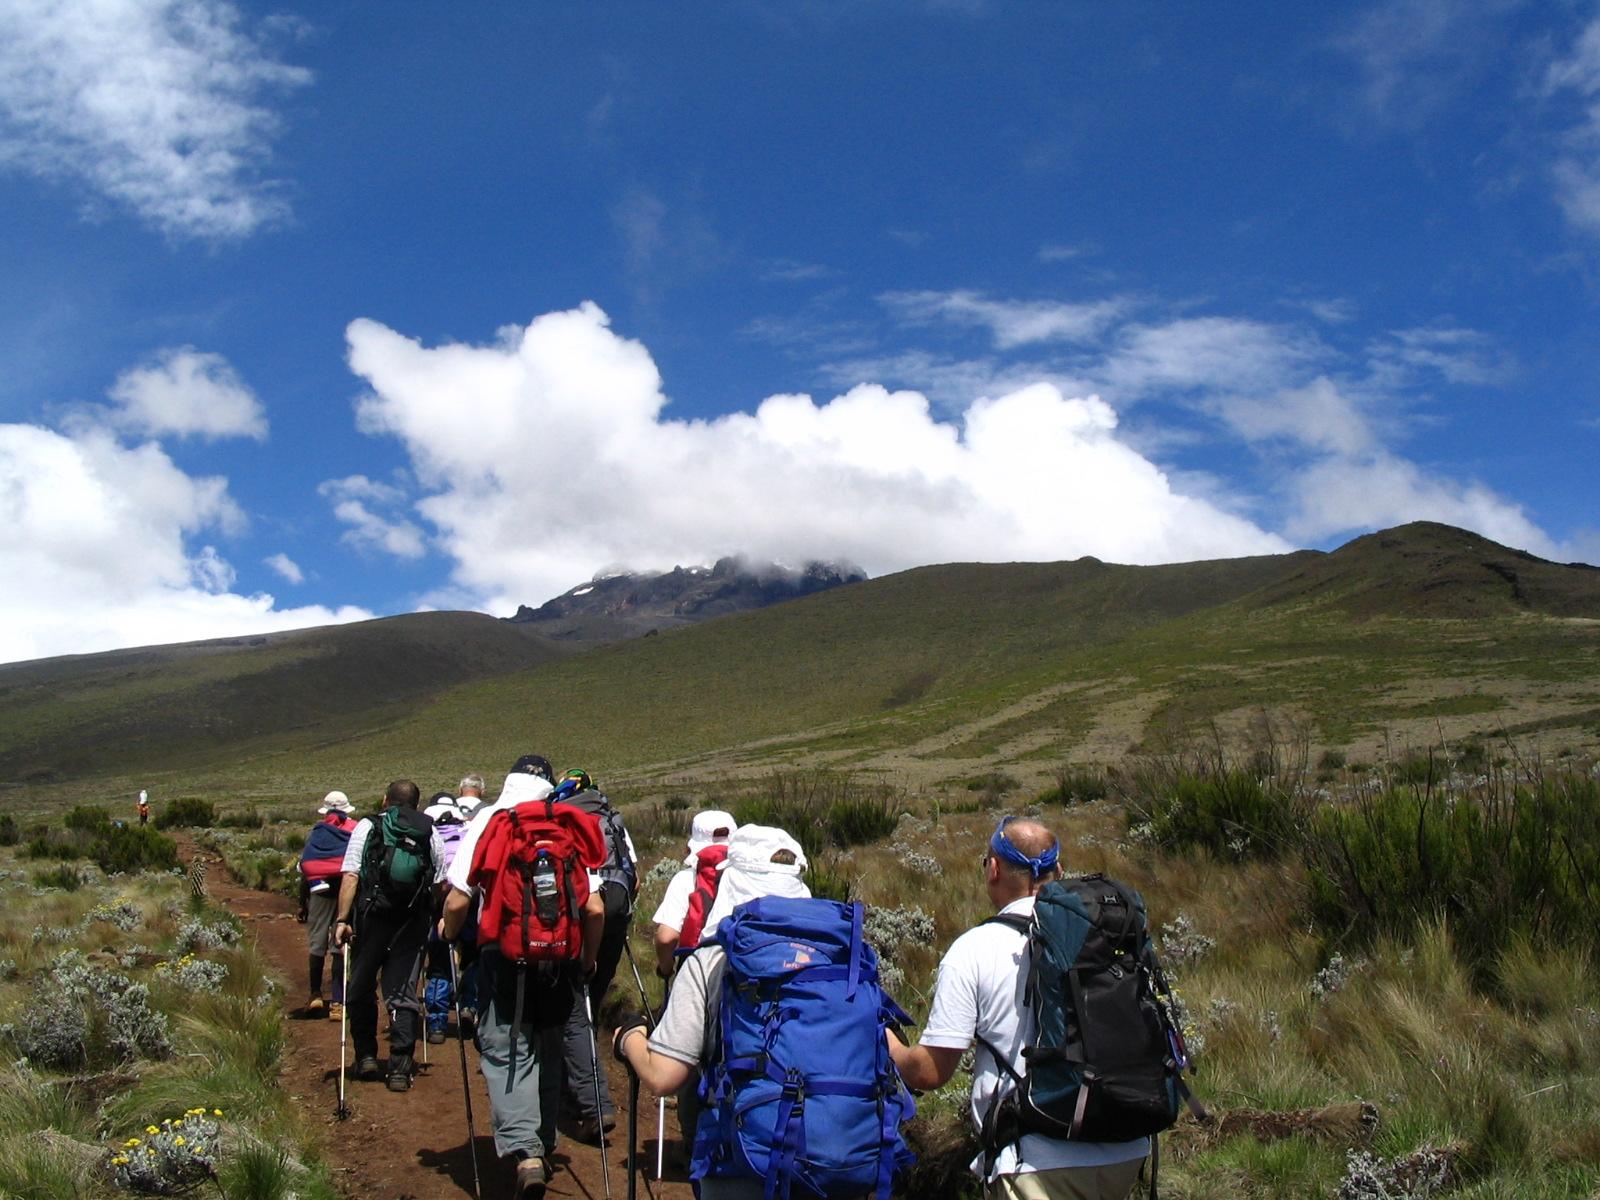 Un reto que muchos quieren alcanzar - Tanzania Gran Viaje Ascensión al Kilimanjaro: Ruta Marangu